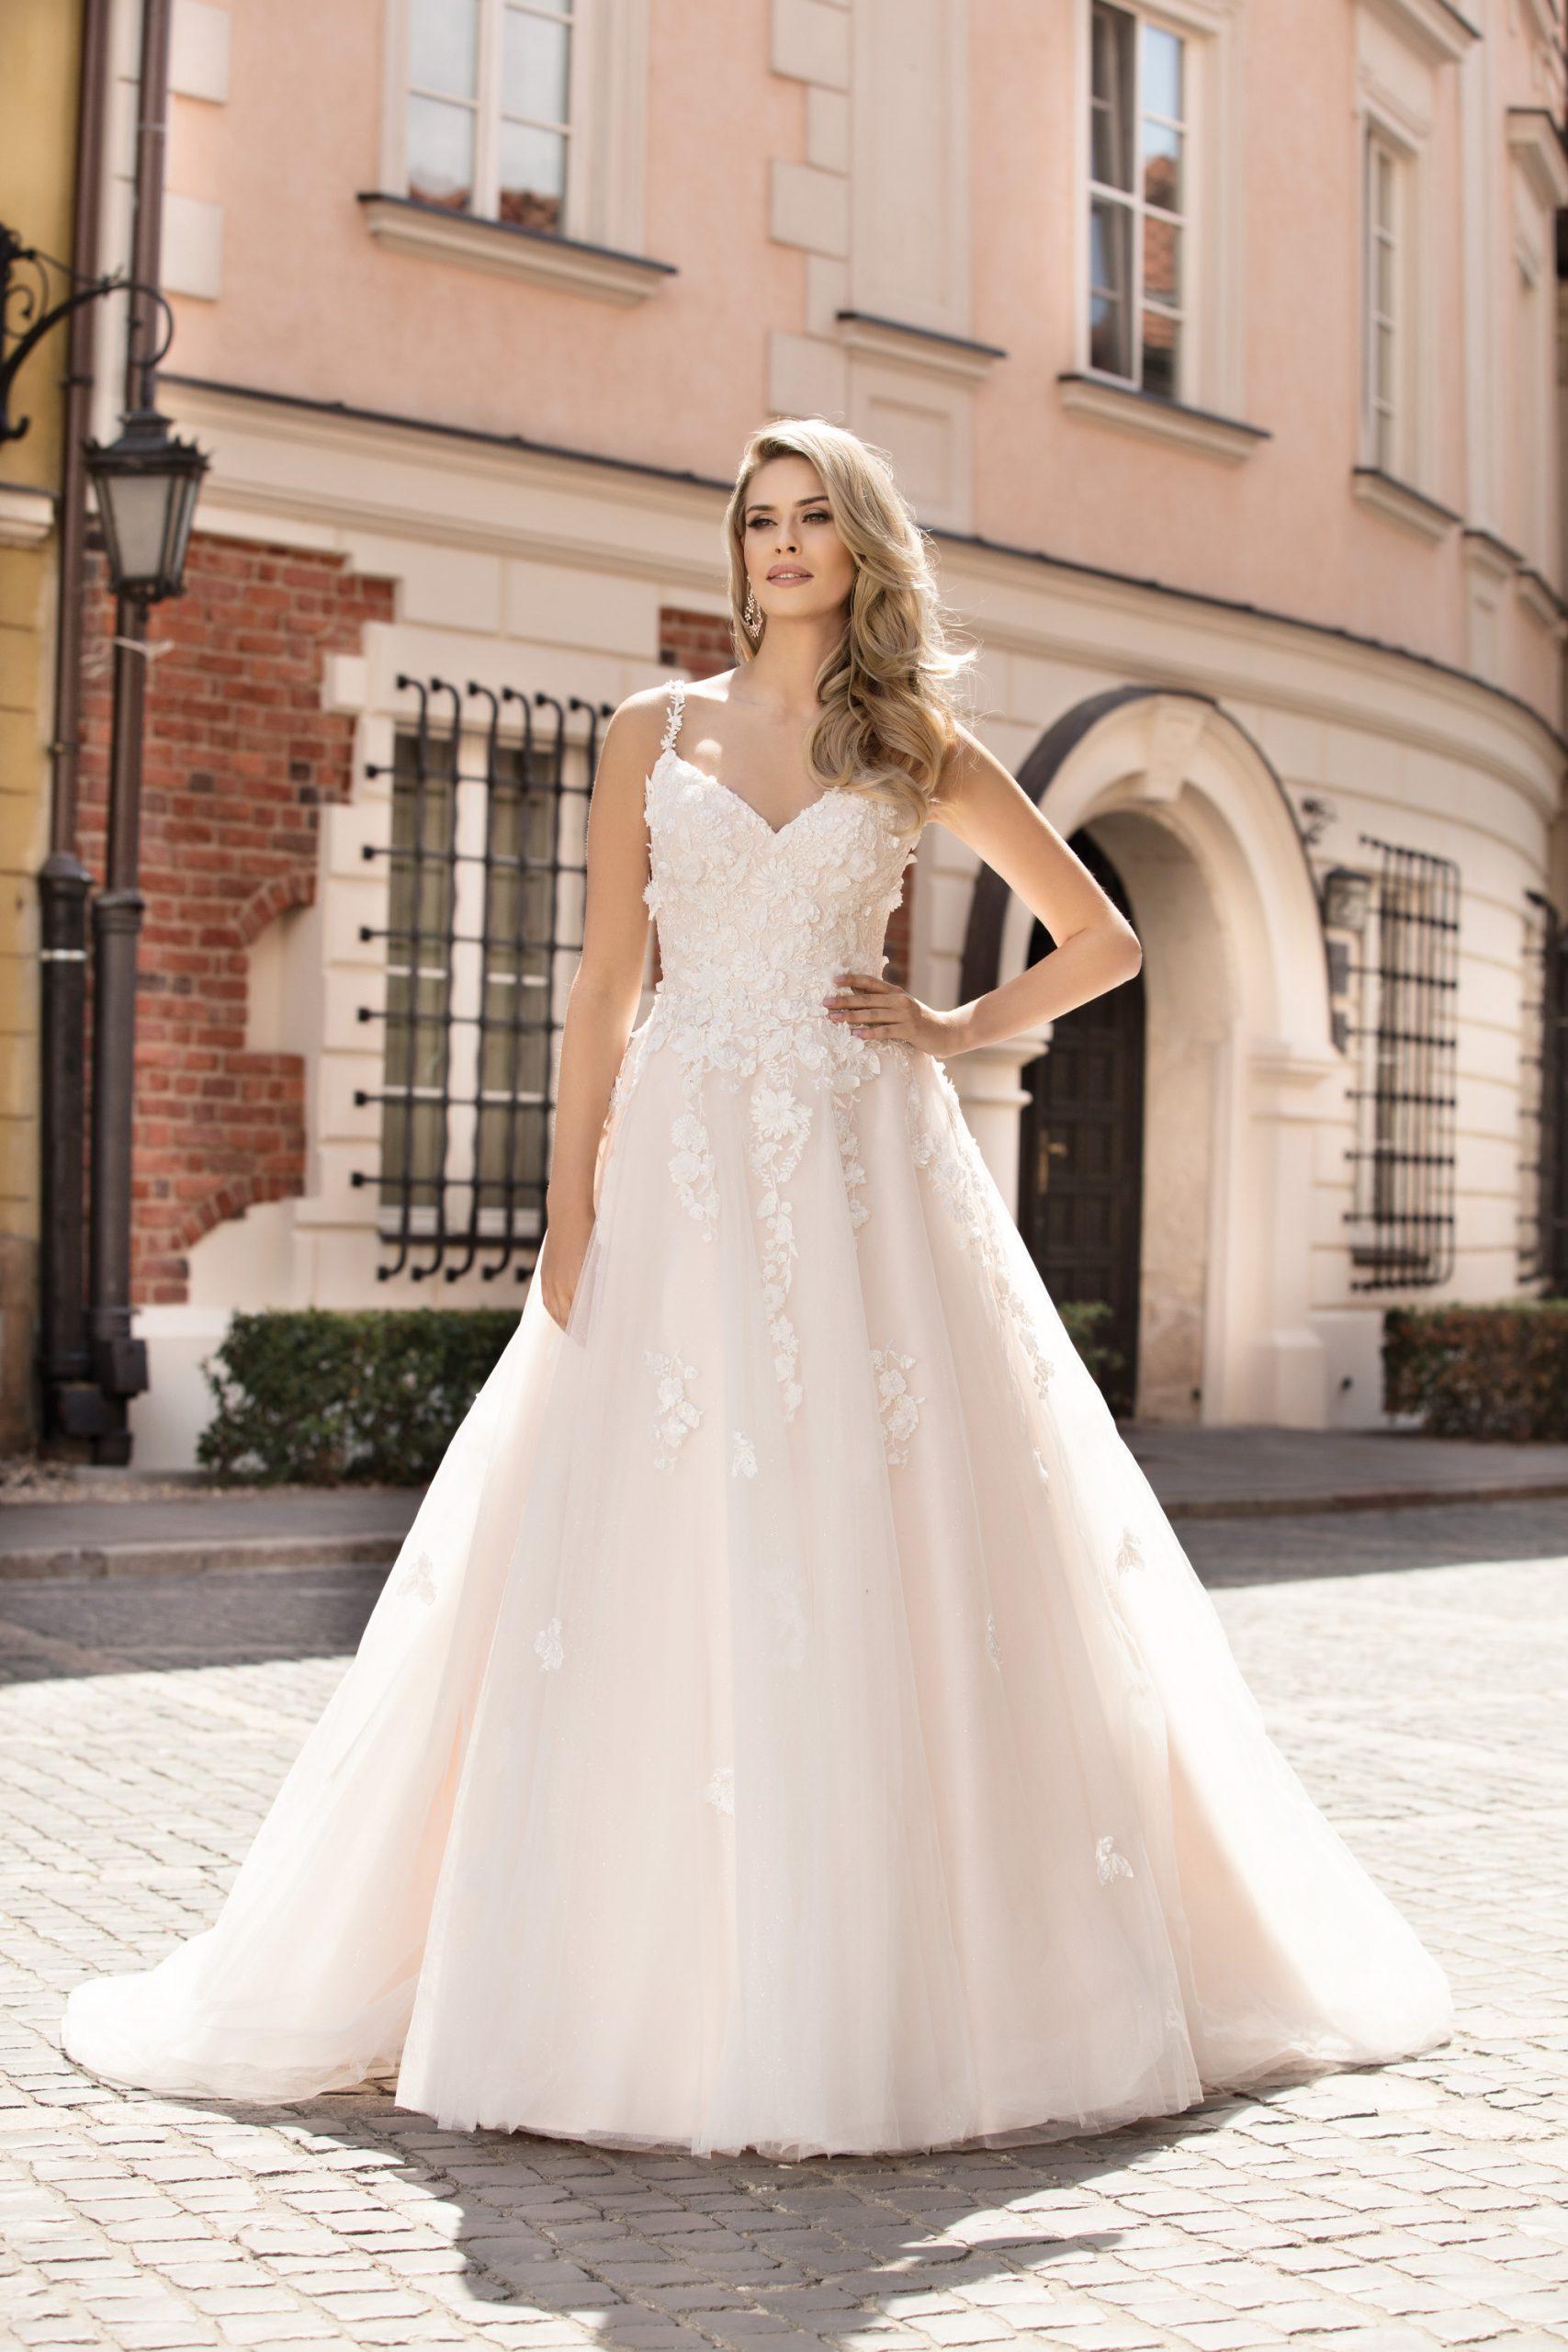 Brautkleider Zu Fairen Preisen  Samyra Fashion